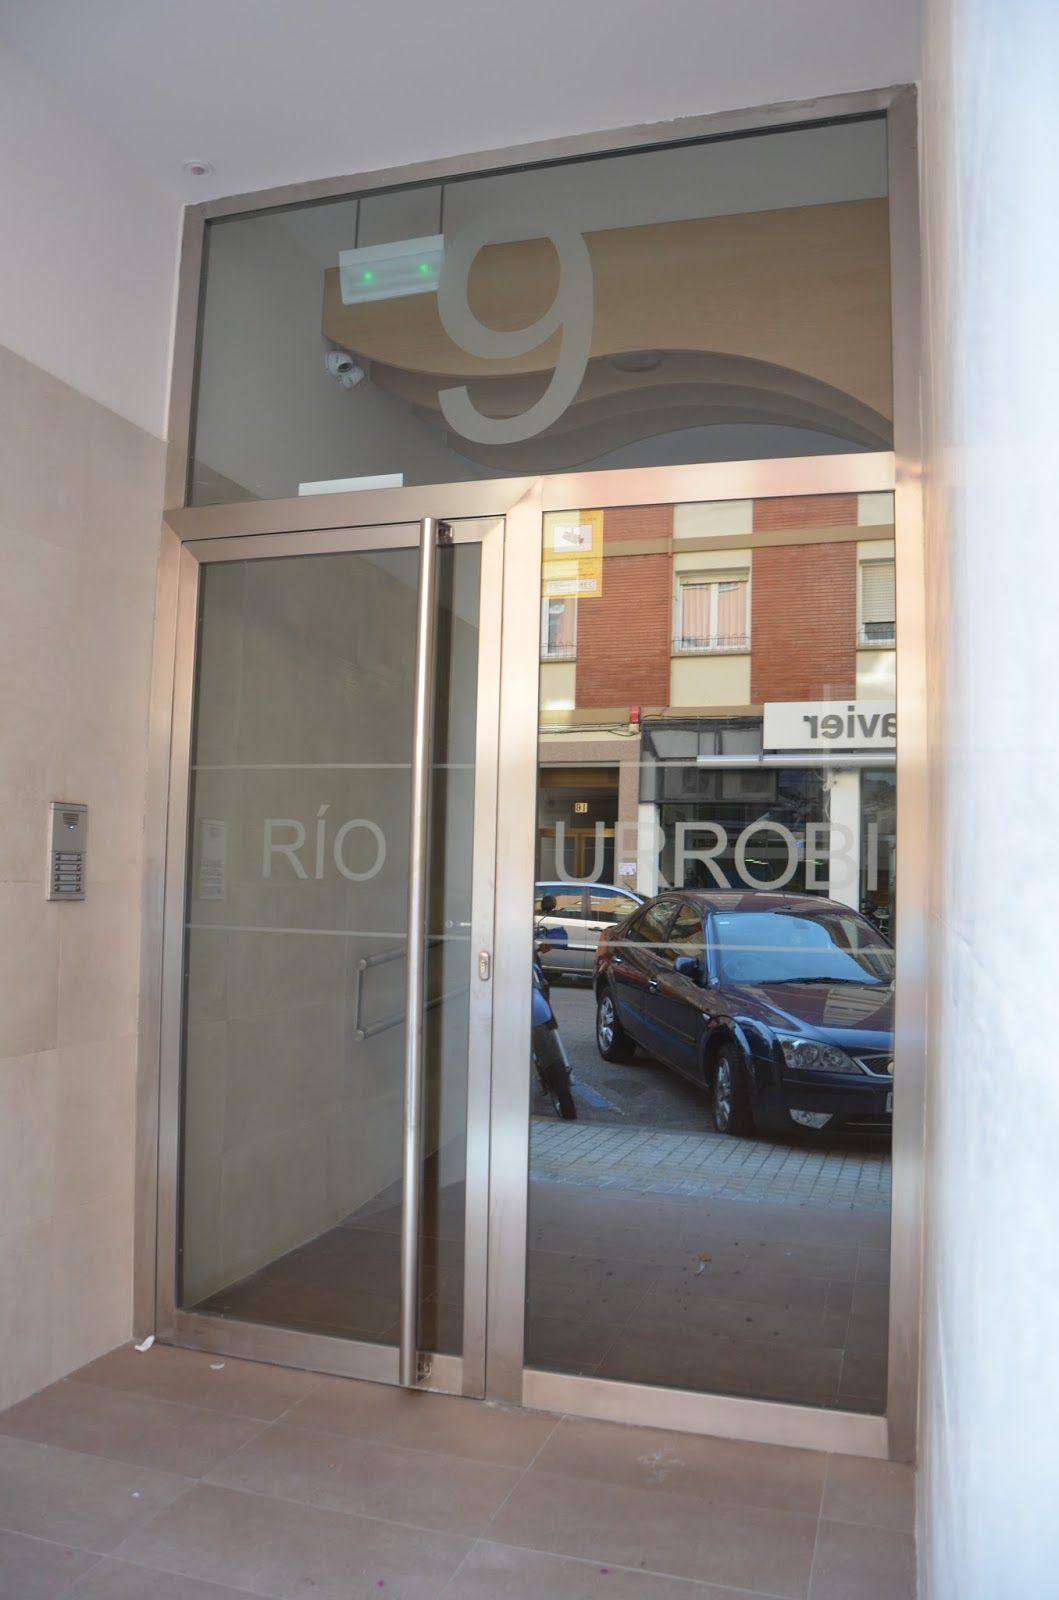 Calle Guelbenzu 14 Pamplona Avenida Estella 5 Tafalla Avenida  # Muebles Tajonar